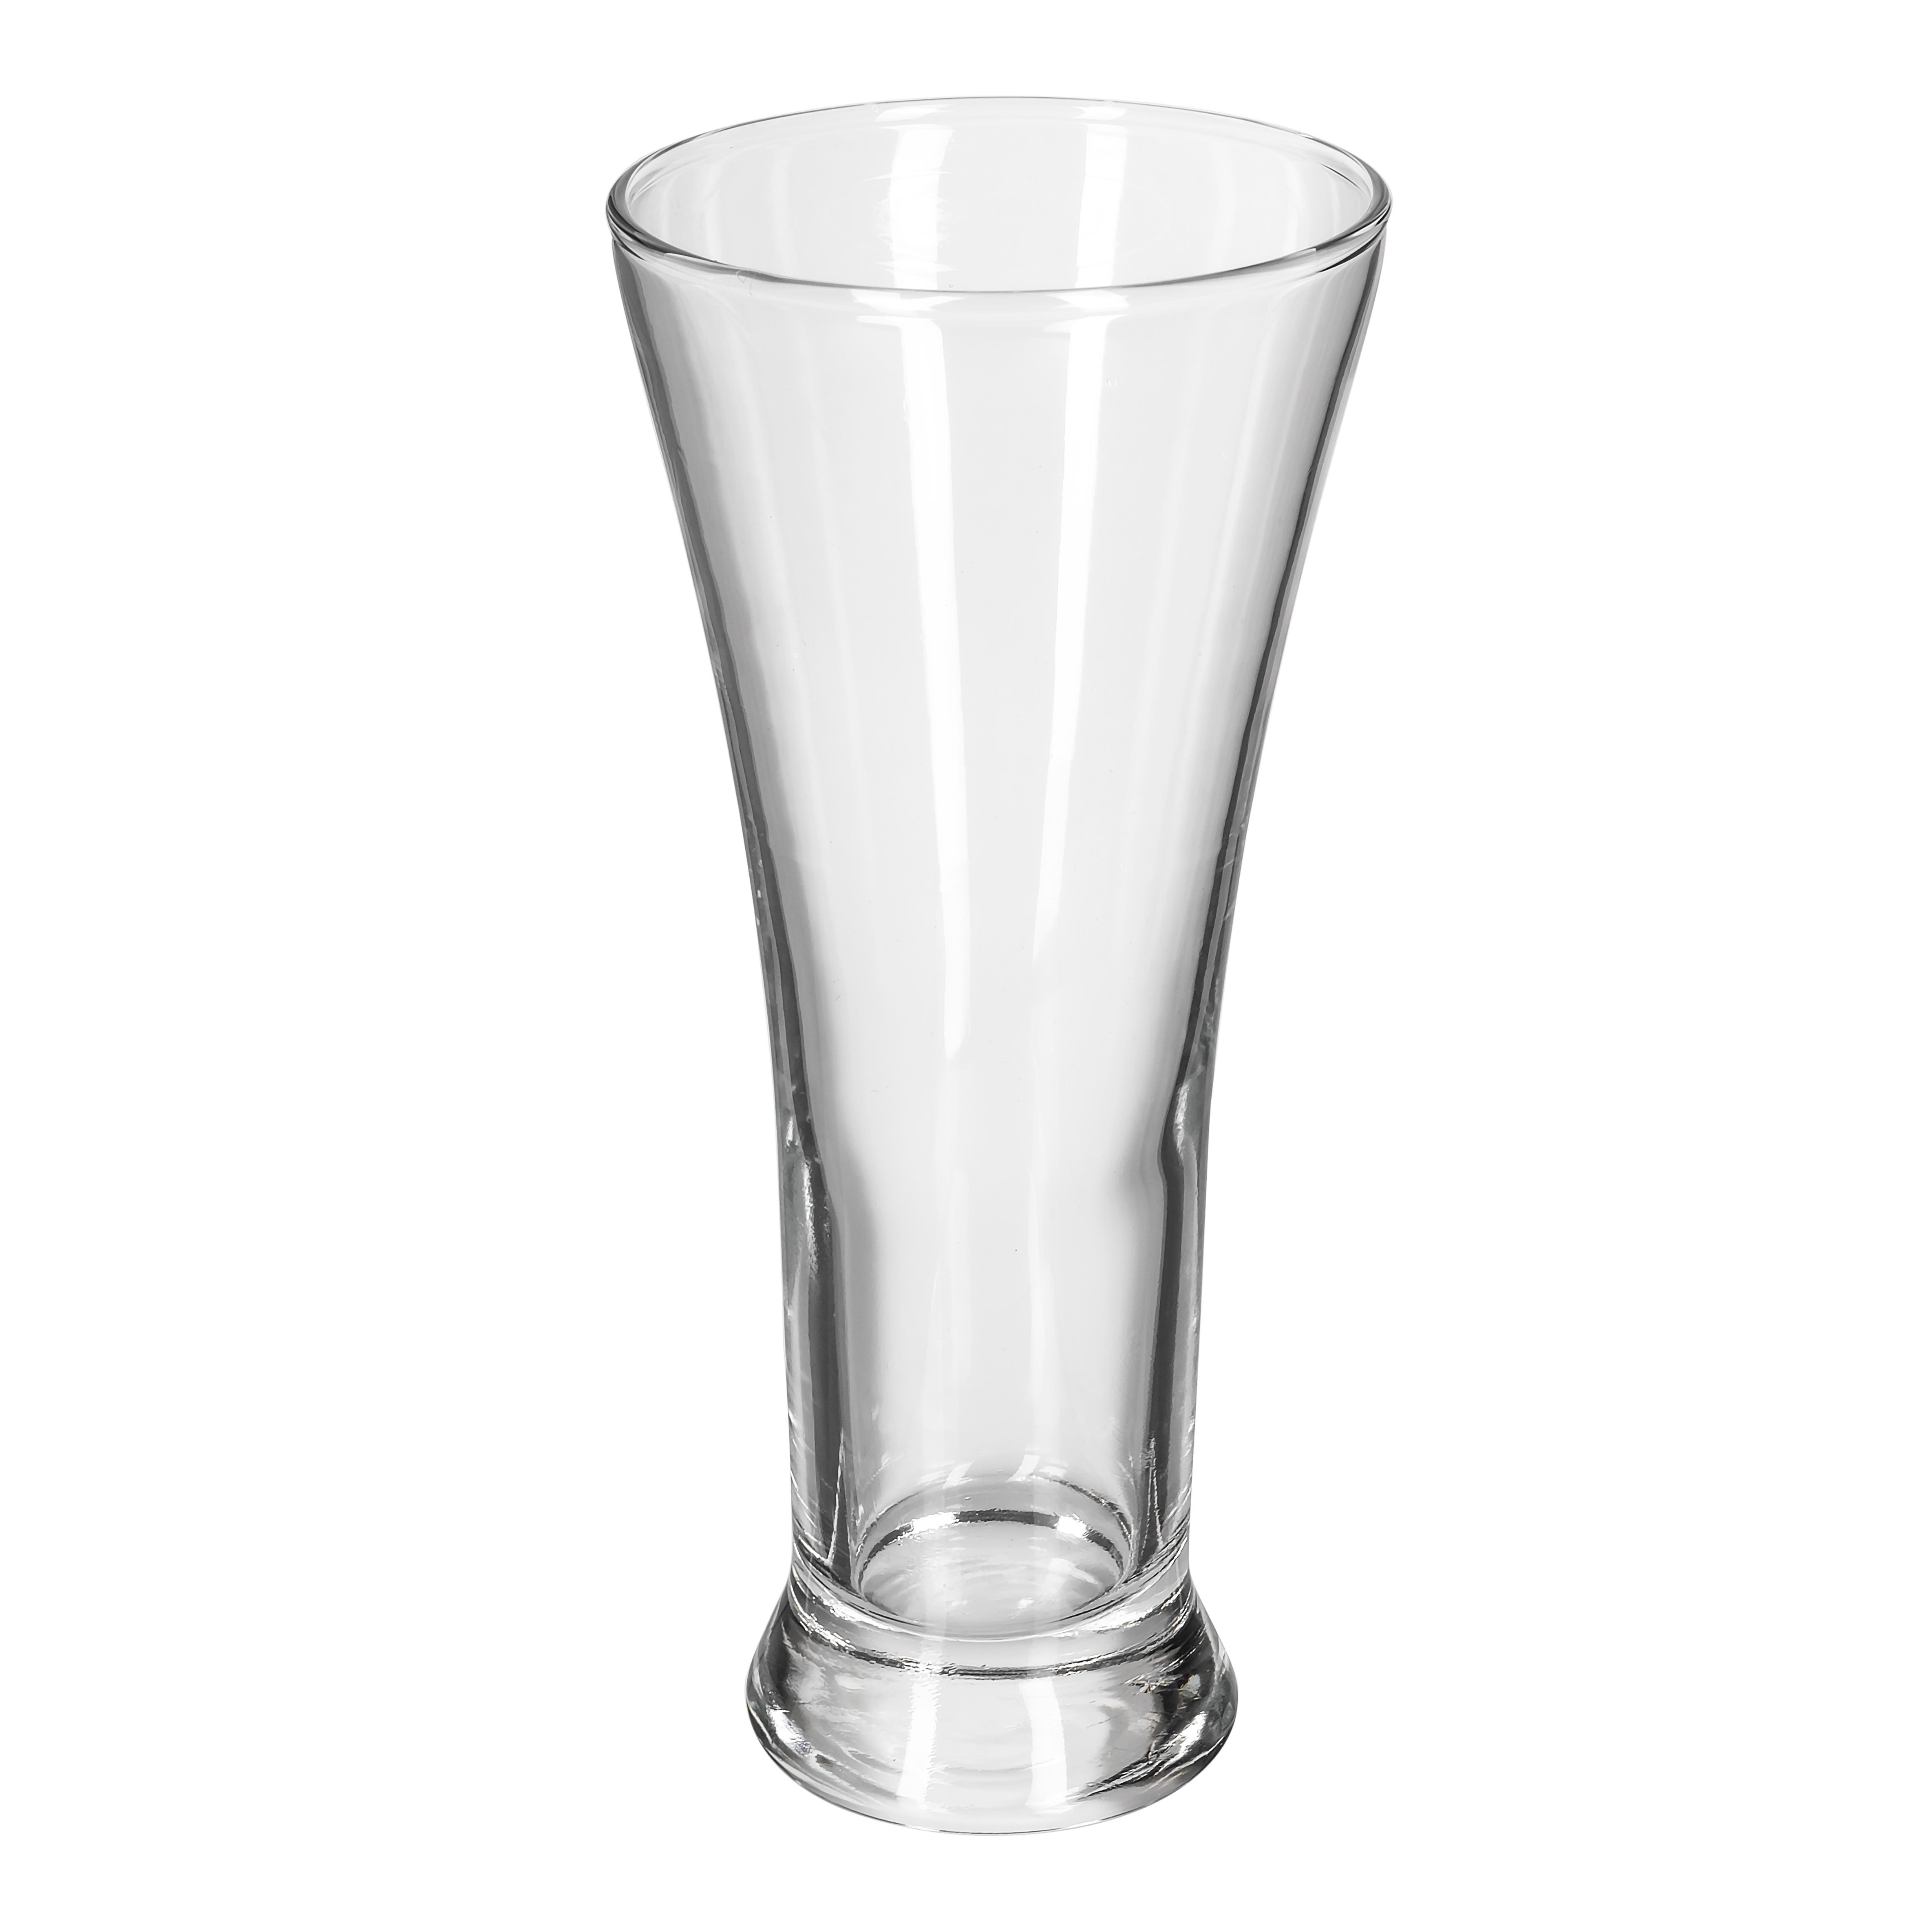 Libbey 1240HT 10 oz Flared Top Pilsner Glass - Safedge Rim